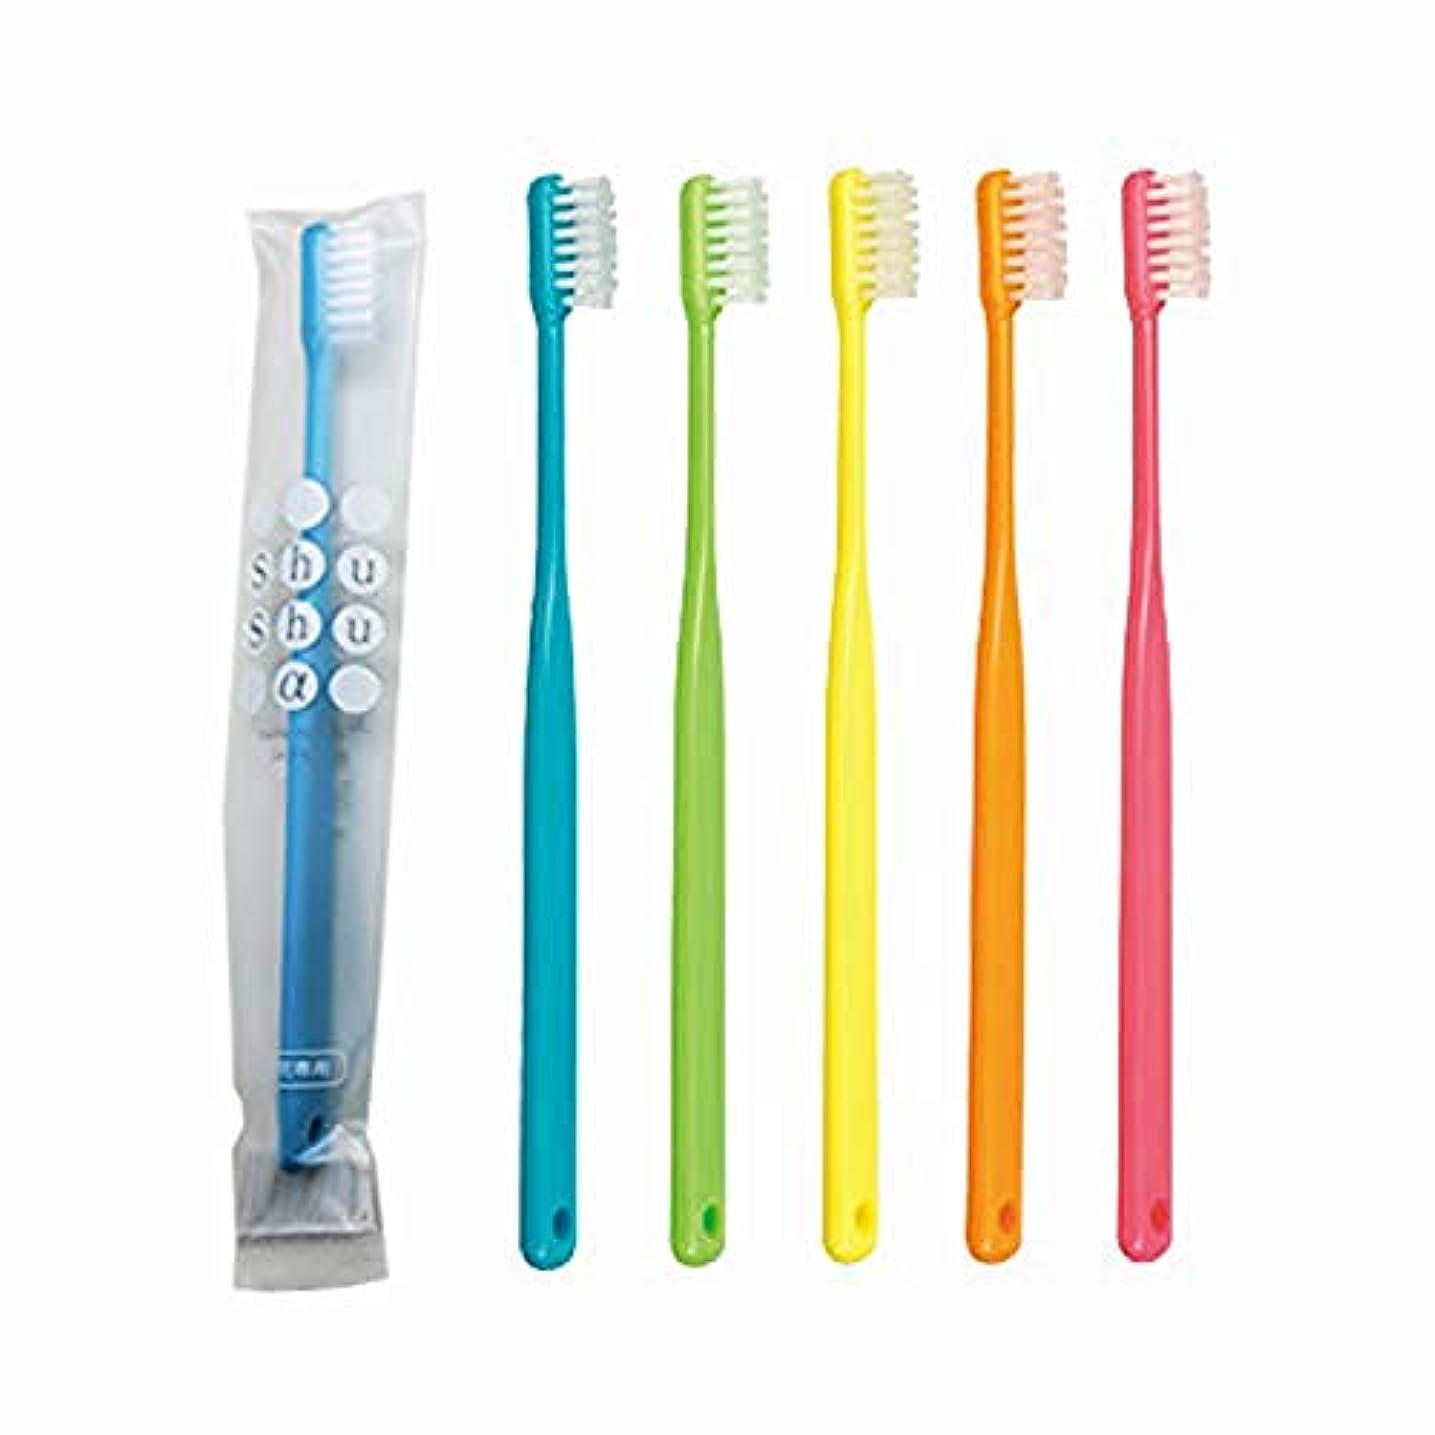 刺激するカスタムヘクタール歯科専売品 大人用歯ブラシ FEED Shu Shu α(シュシュアルファ)×20本 S (やわらかめ)